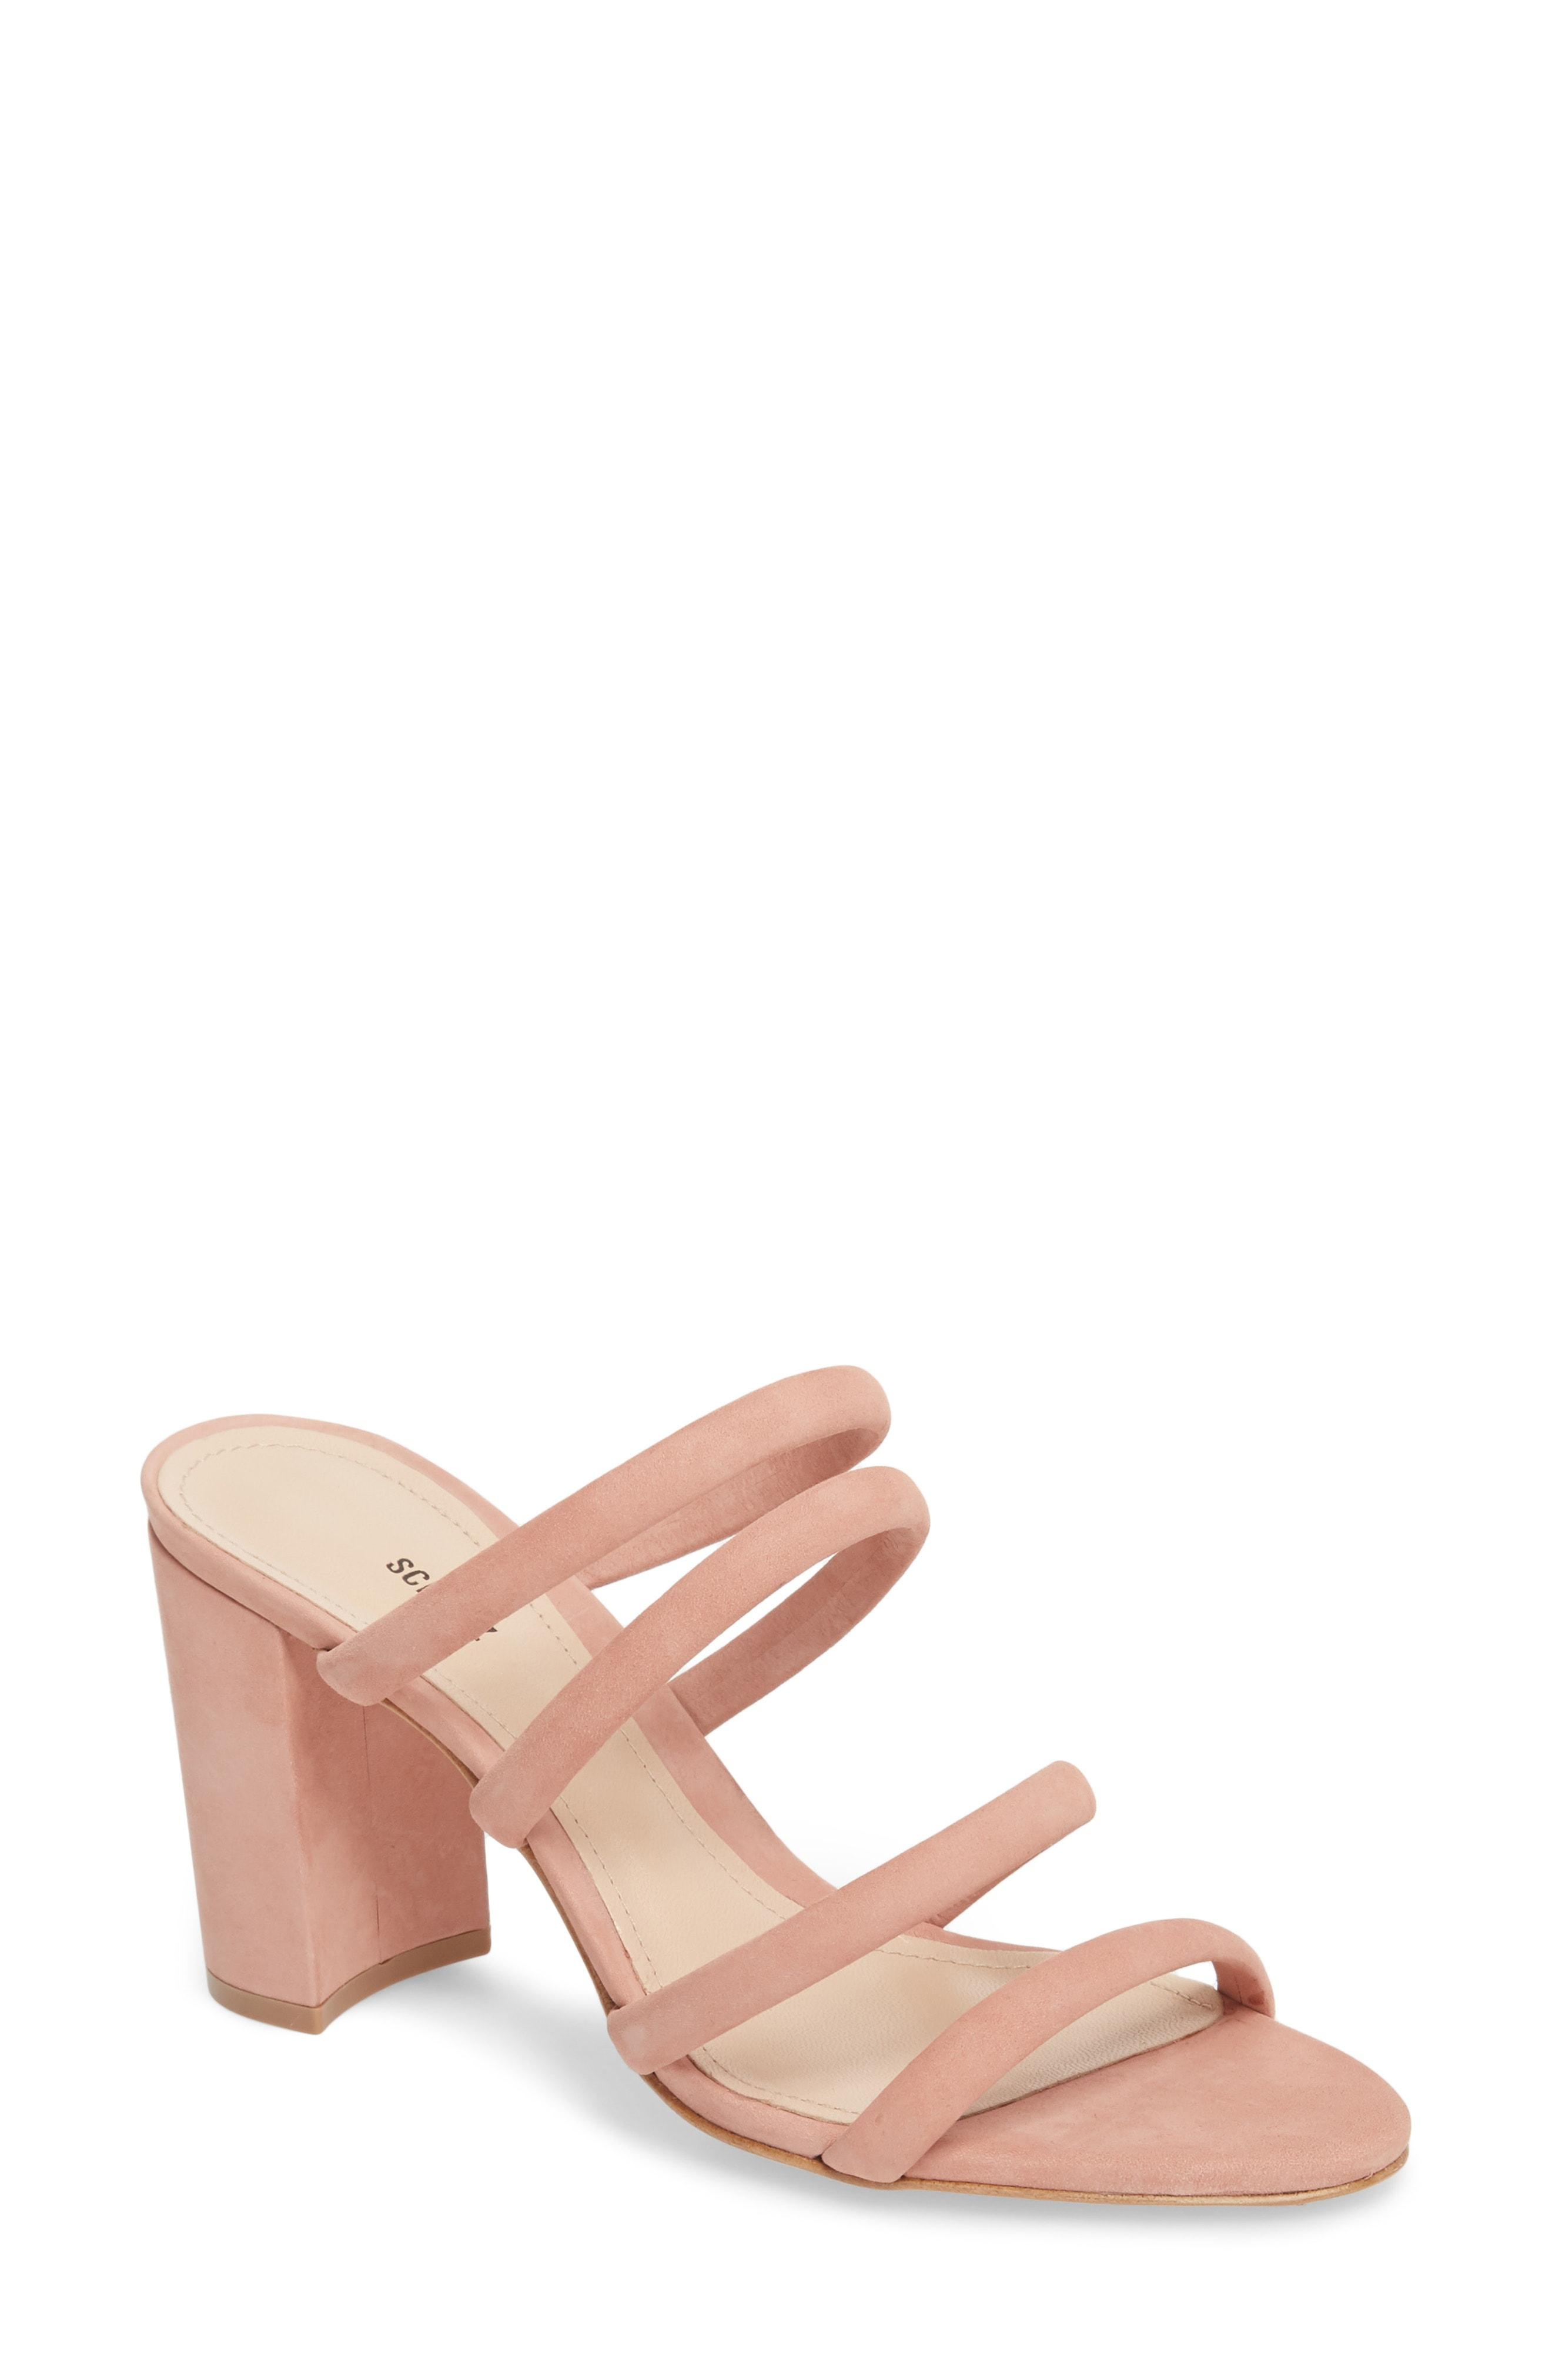 cf9f2a95018c Lyst - Schutz Felisa Block Heel Sandal in Pink